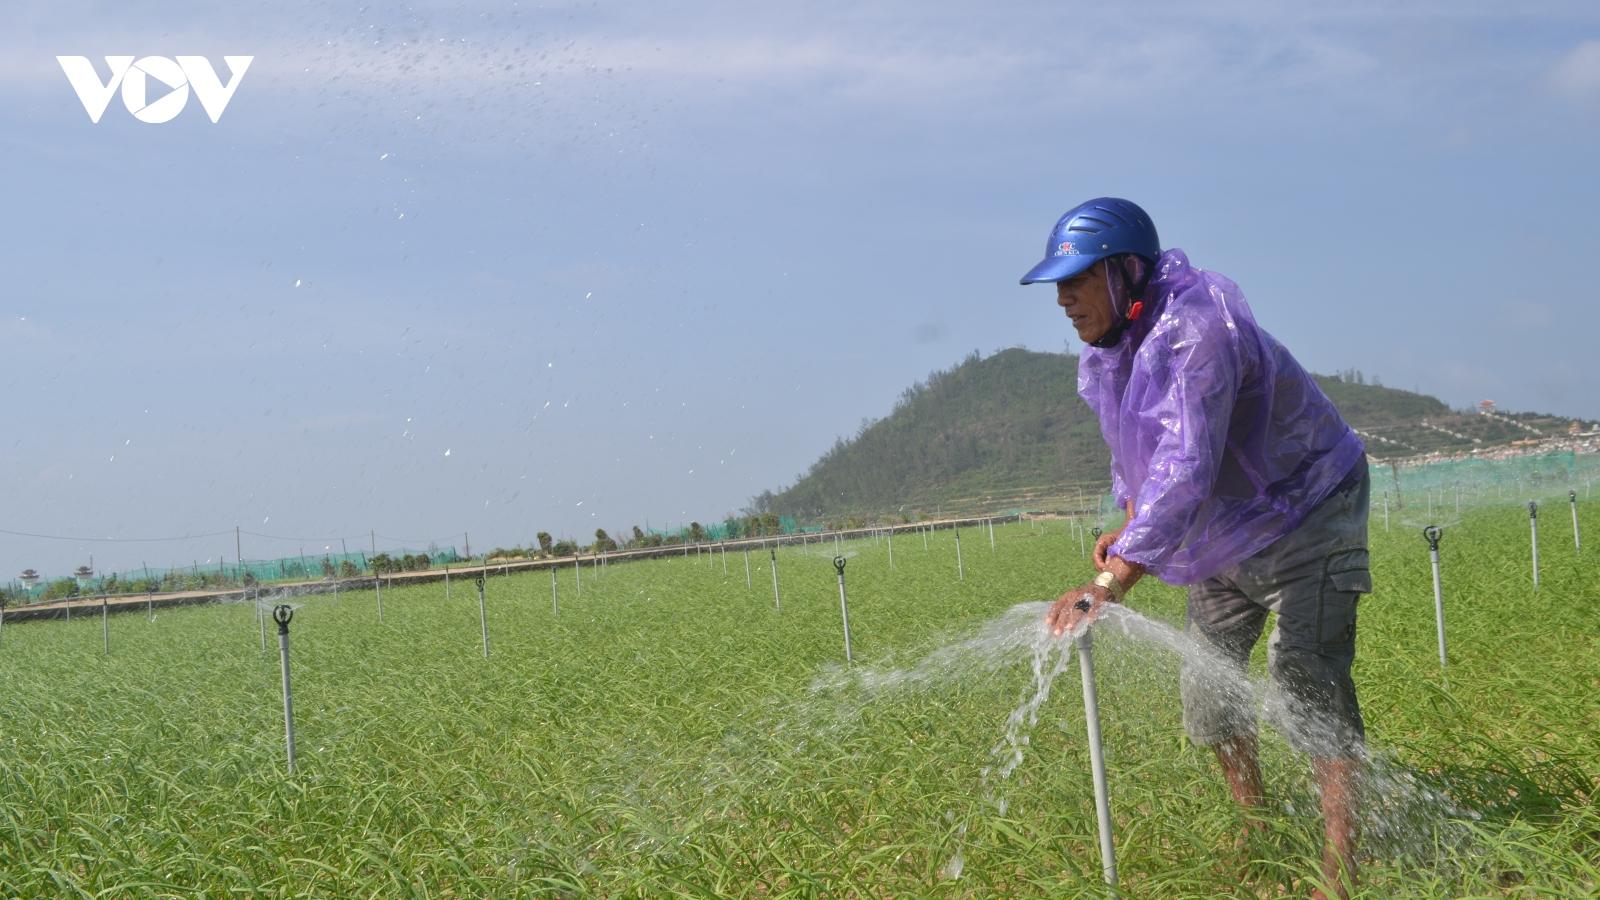 Hơn 11 tỷ đồng sản xuất tỏi Lý Sơn theo hướng VietGAP